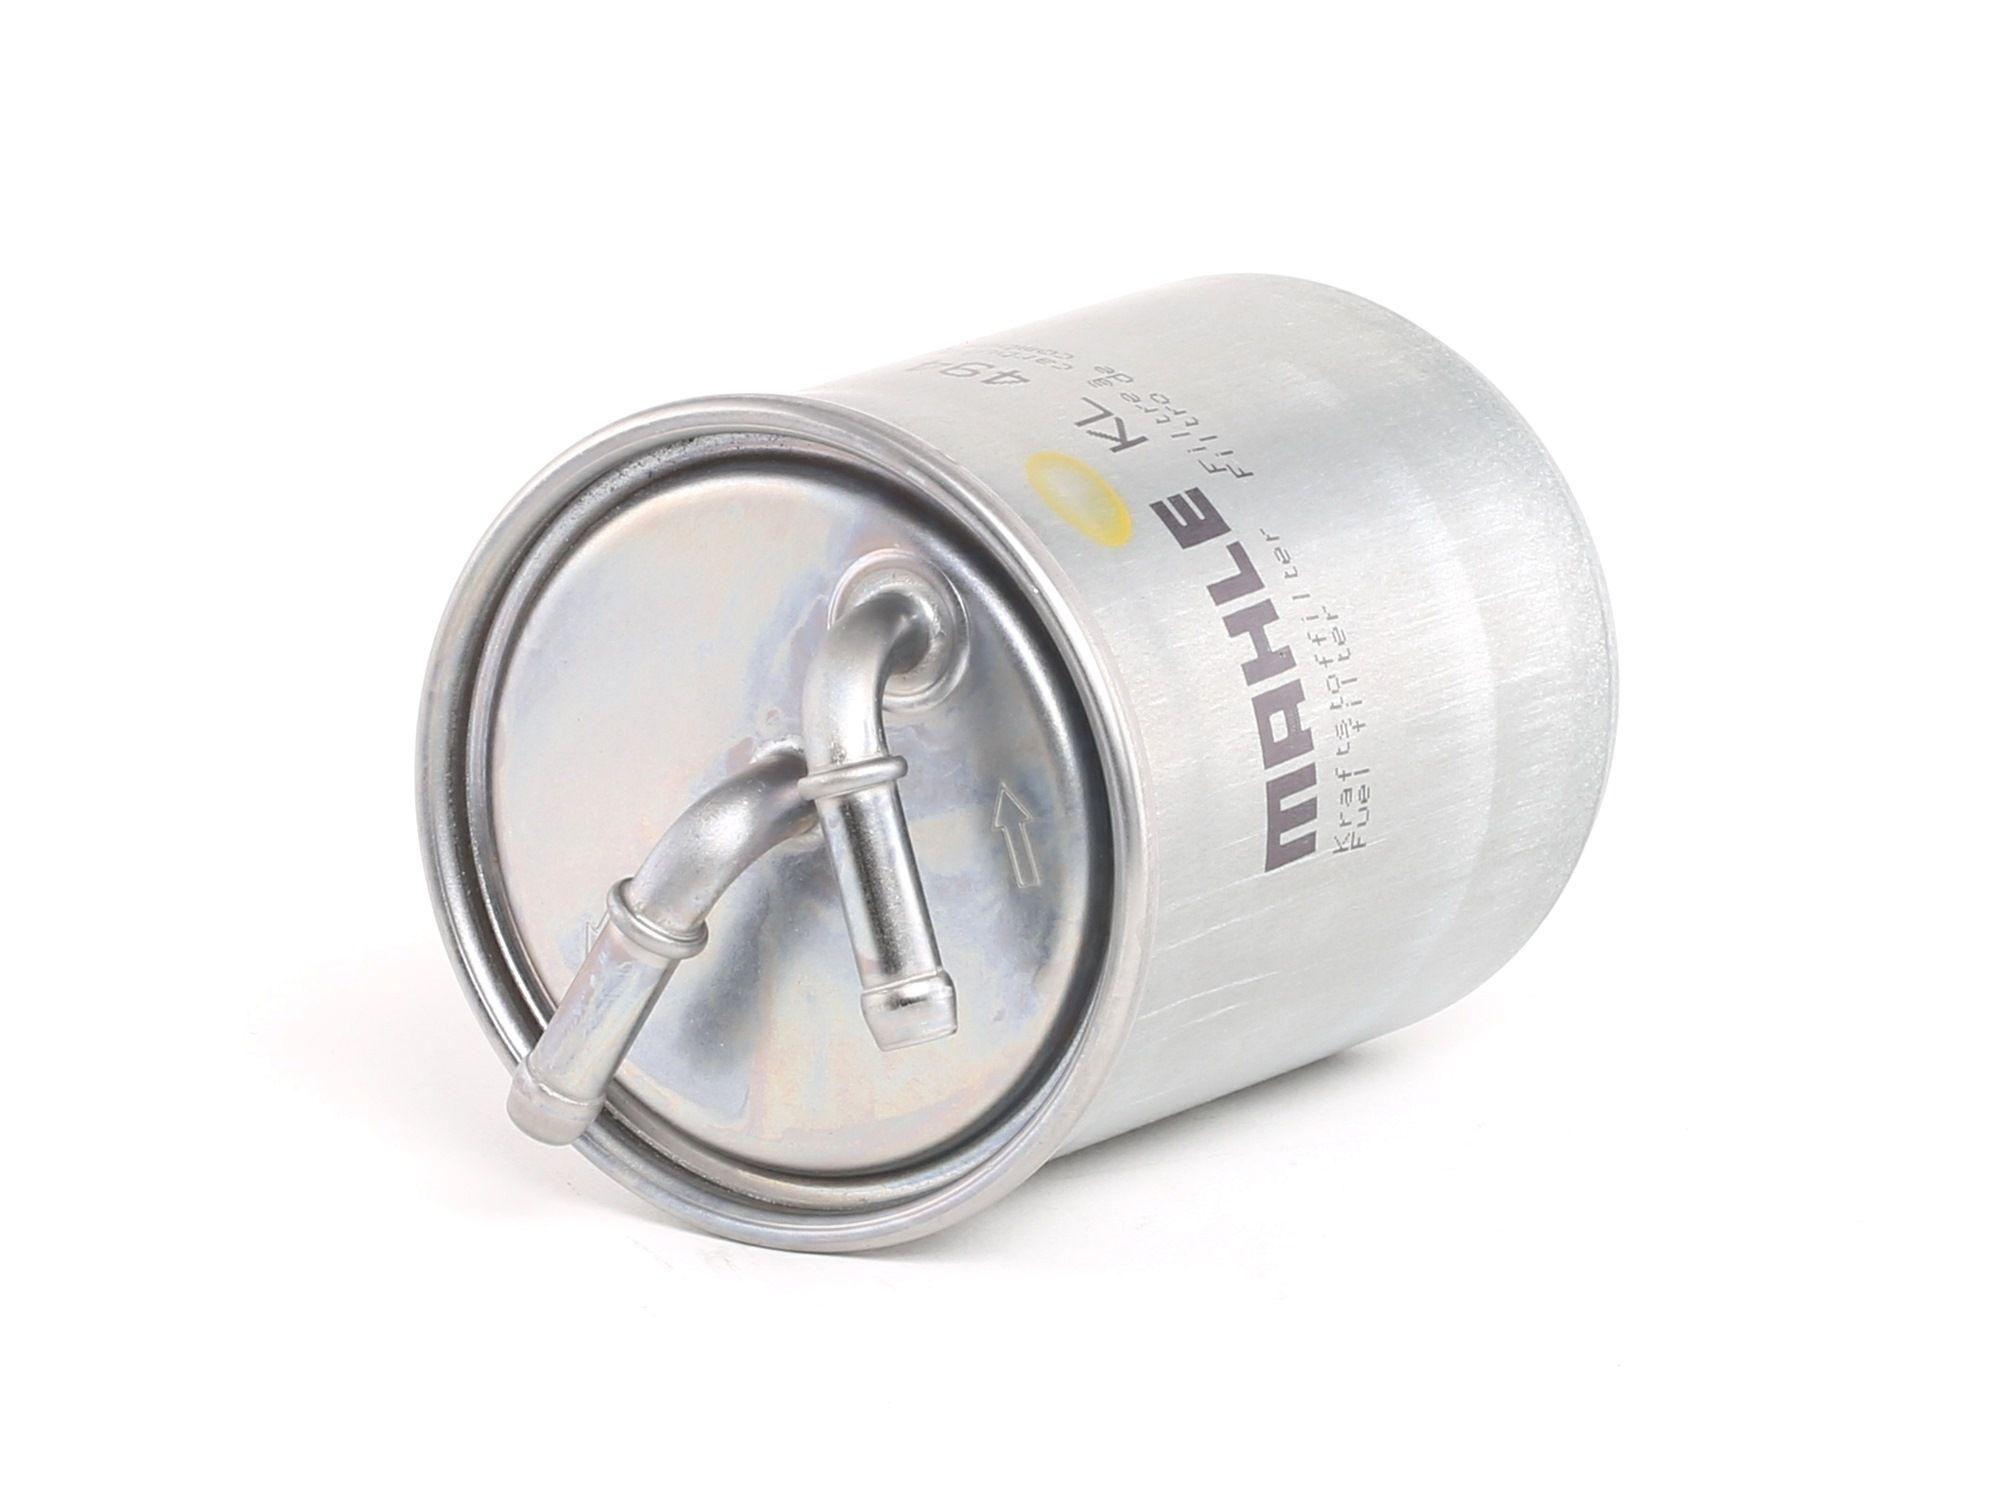 Palivový filtr KL 494 s vynikajícím poměrem mezi cenou a MAHLE ORIGINAL kvalitou